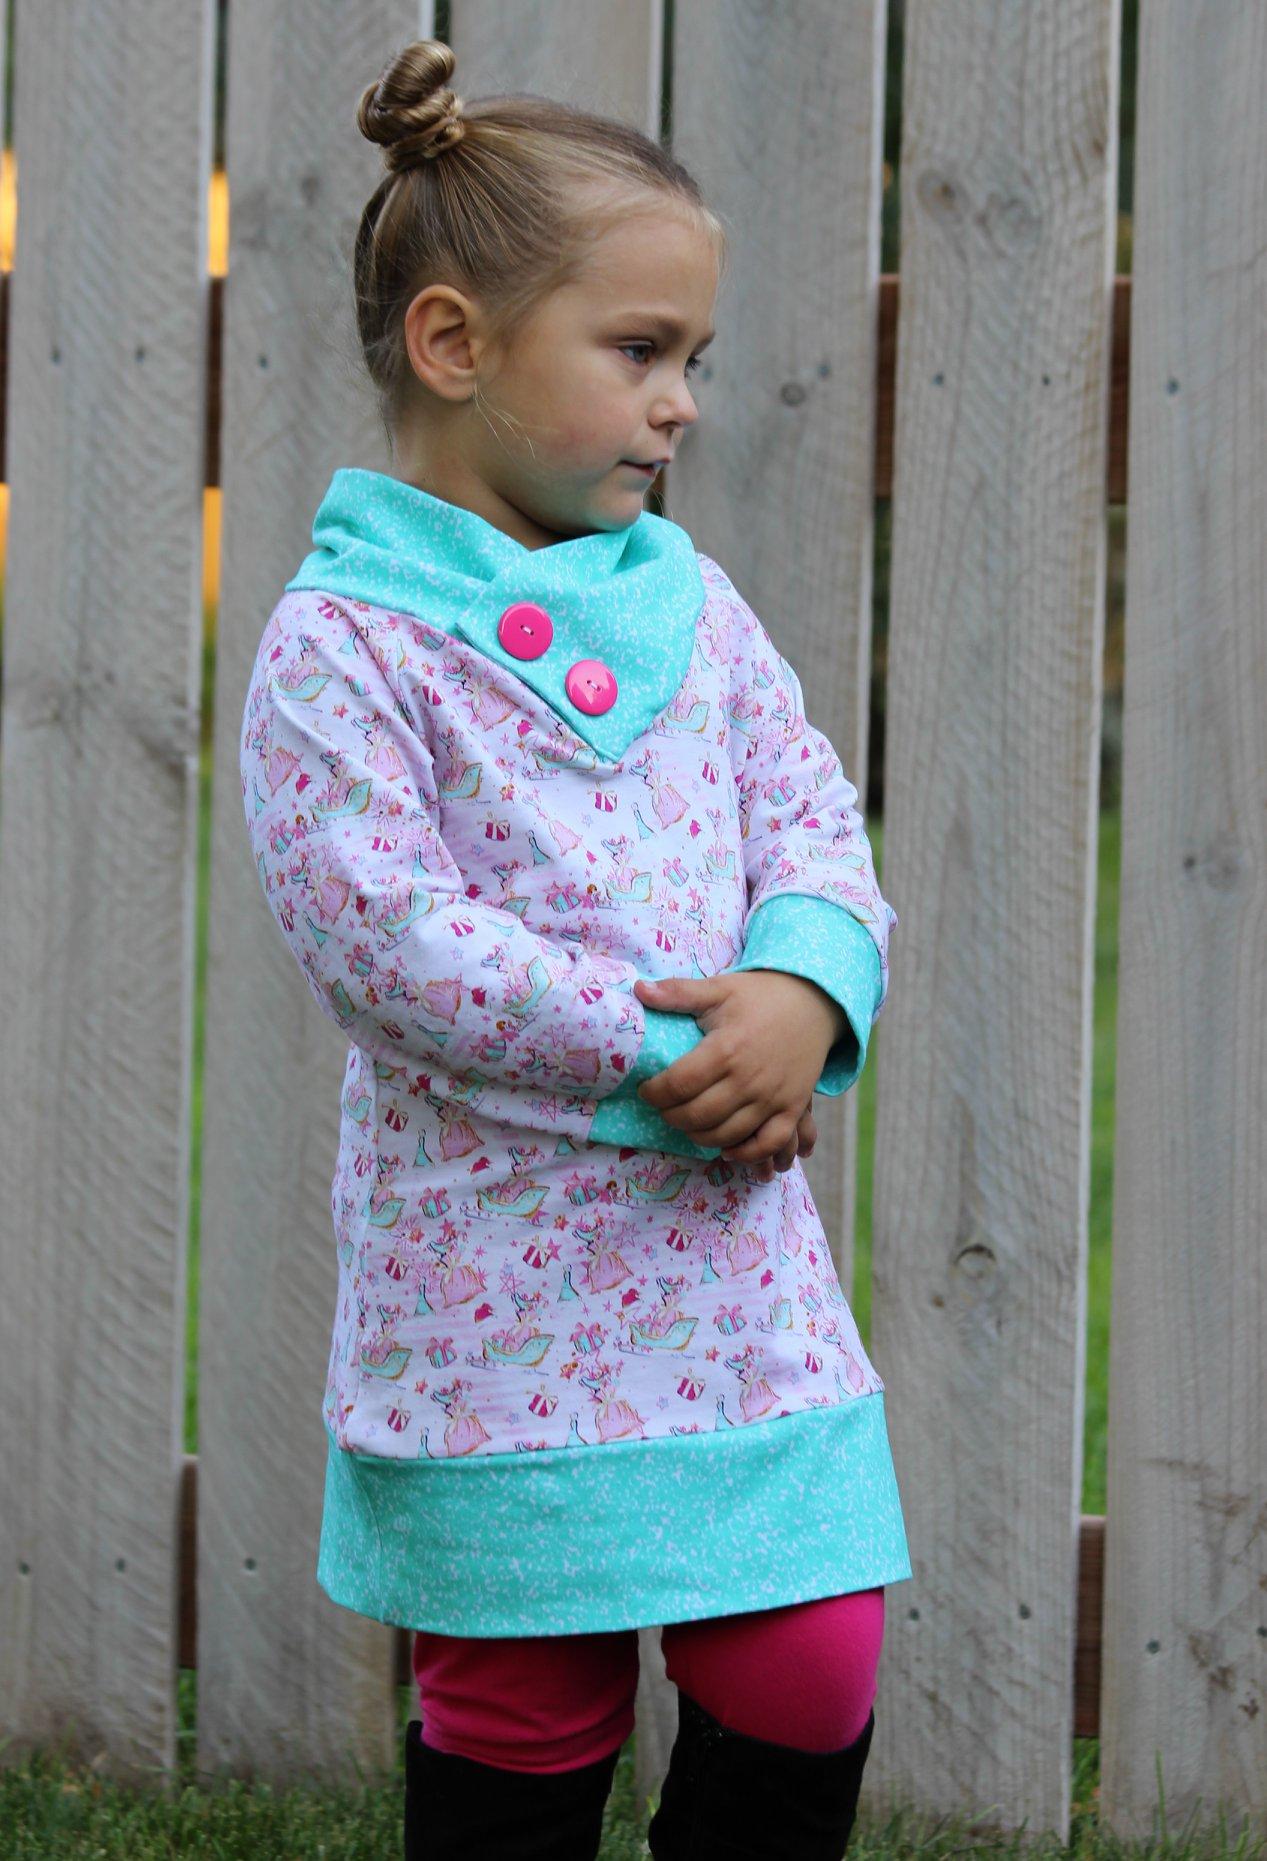 Sheridan's Sweater Dress and Top Sizes 6/12m to 15/16 Kids PDF Pattern